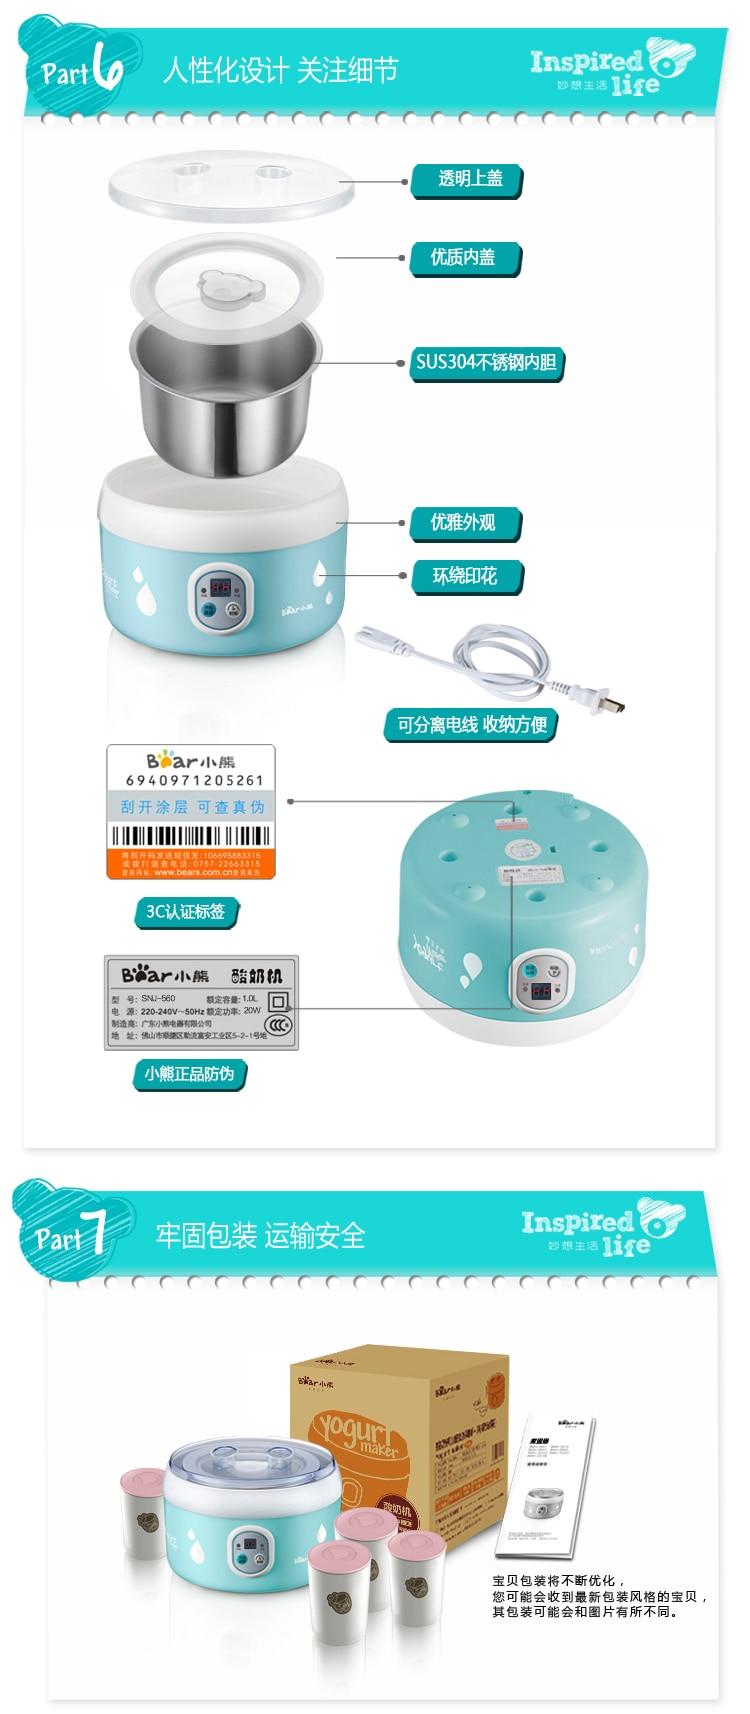 Китай, Гуандун медведь SNJ-560 микрокомпьютер таймер 304 йогурт машина из нержавеющей стали лайнер 1Л рисовое вино leben чайник